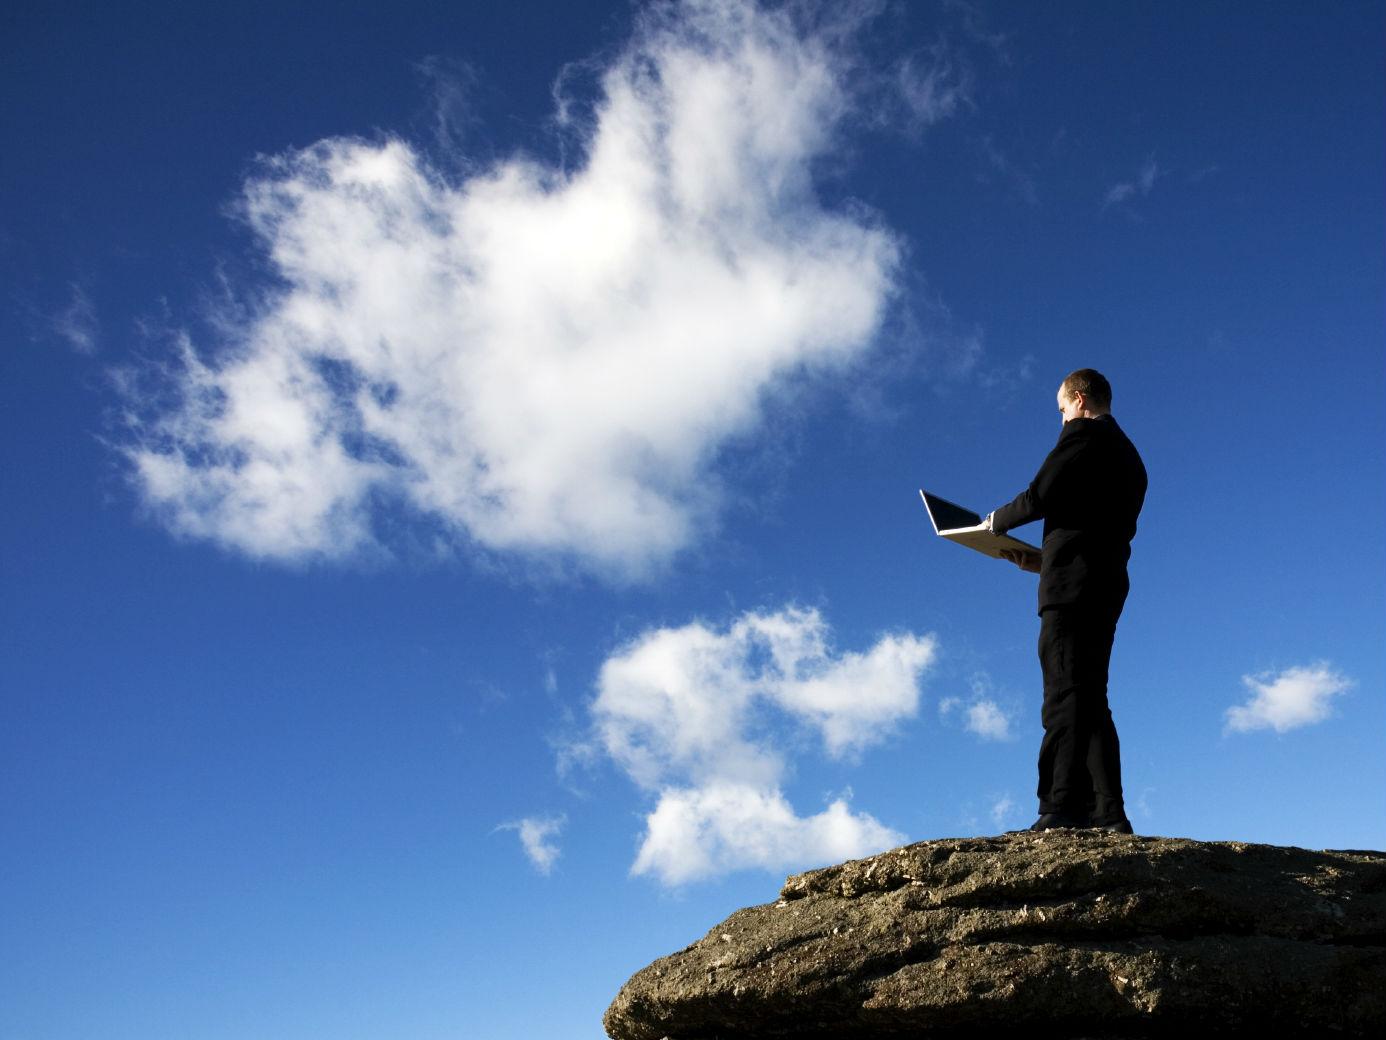 Las aplicaciones en la nube te permiten acceder a tu información de manera segura.